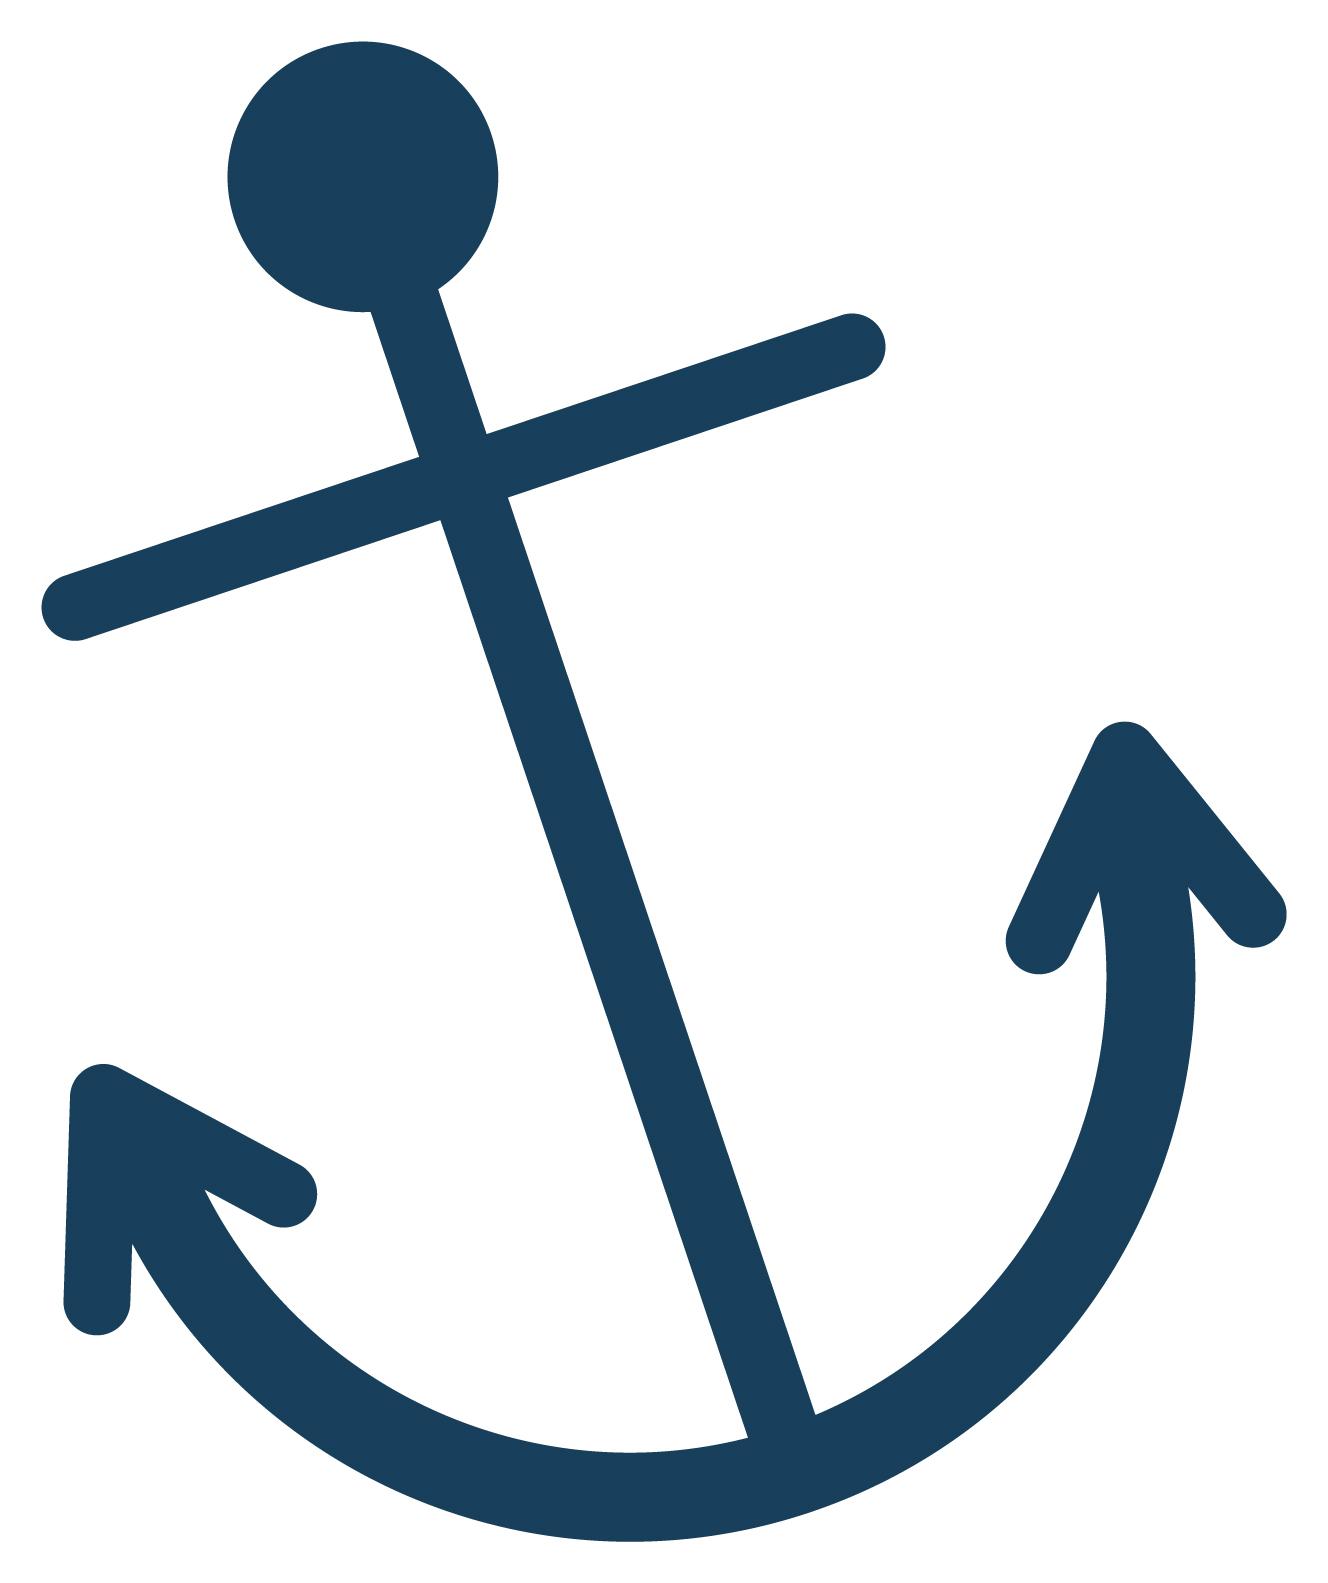 Navy clipart navy anchor #6